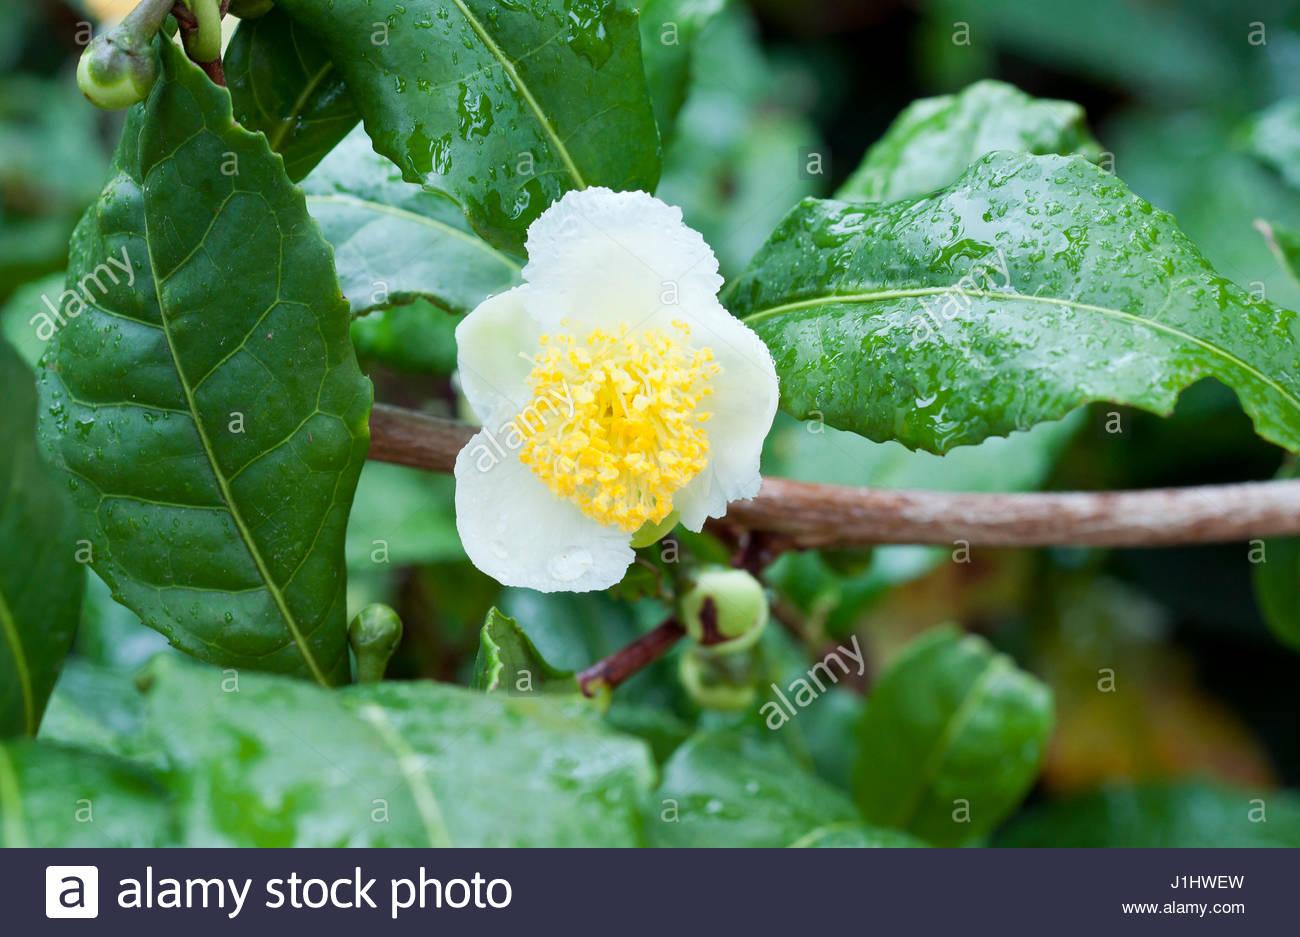 Camellia sinensis stock photos camellia sinensis stock - Camelia fotos ...